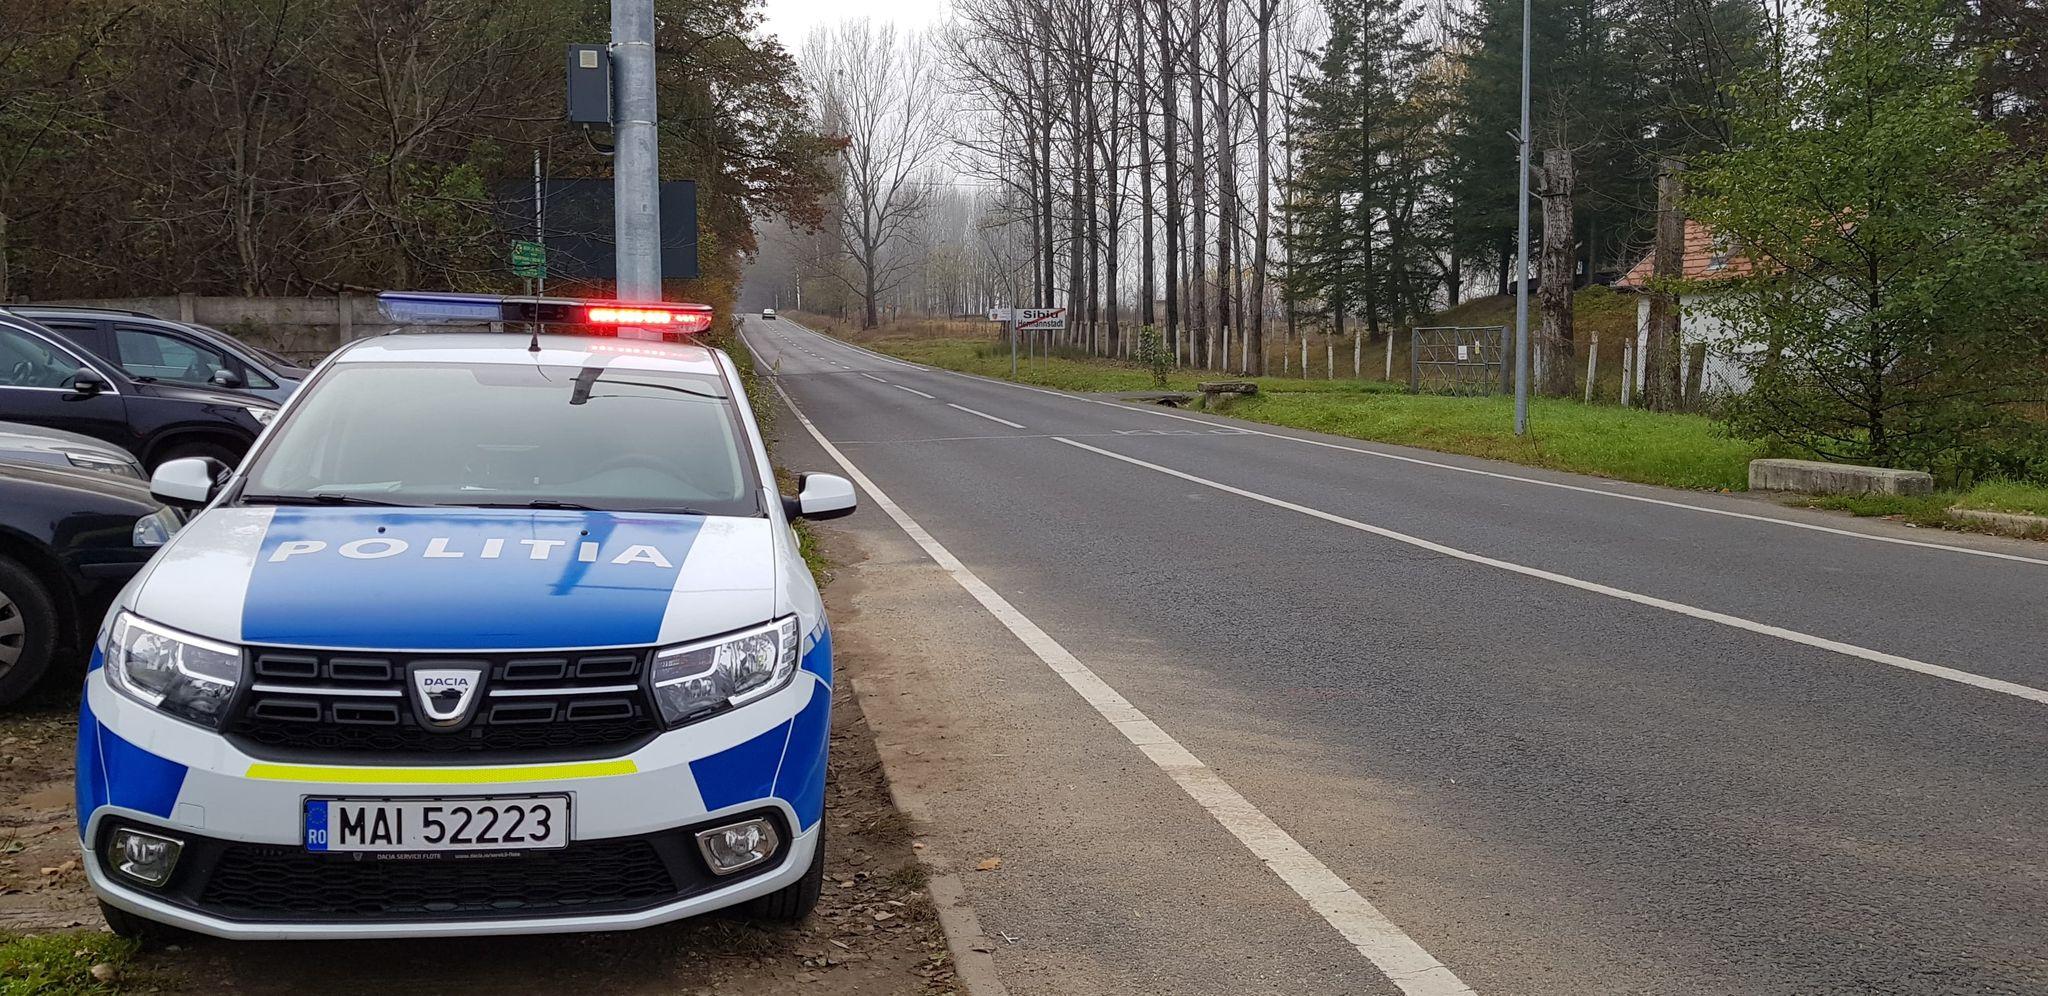 Poliția anunță restricții de trafic în zonele celor trei noi localități carantinate: Mediaș, Avrig și Orlat